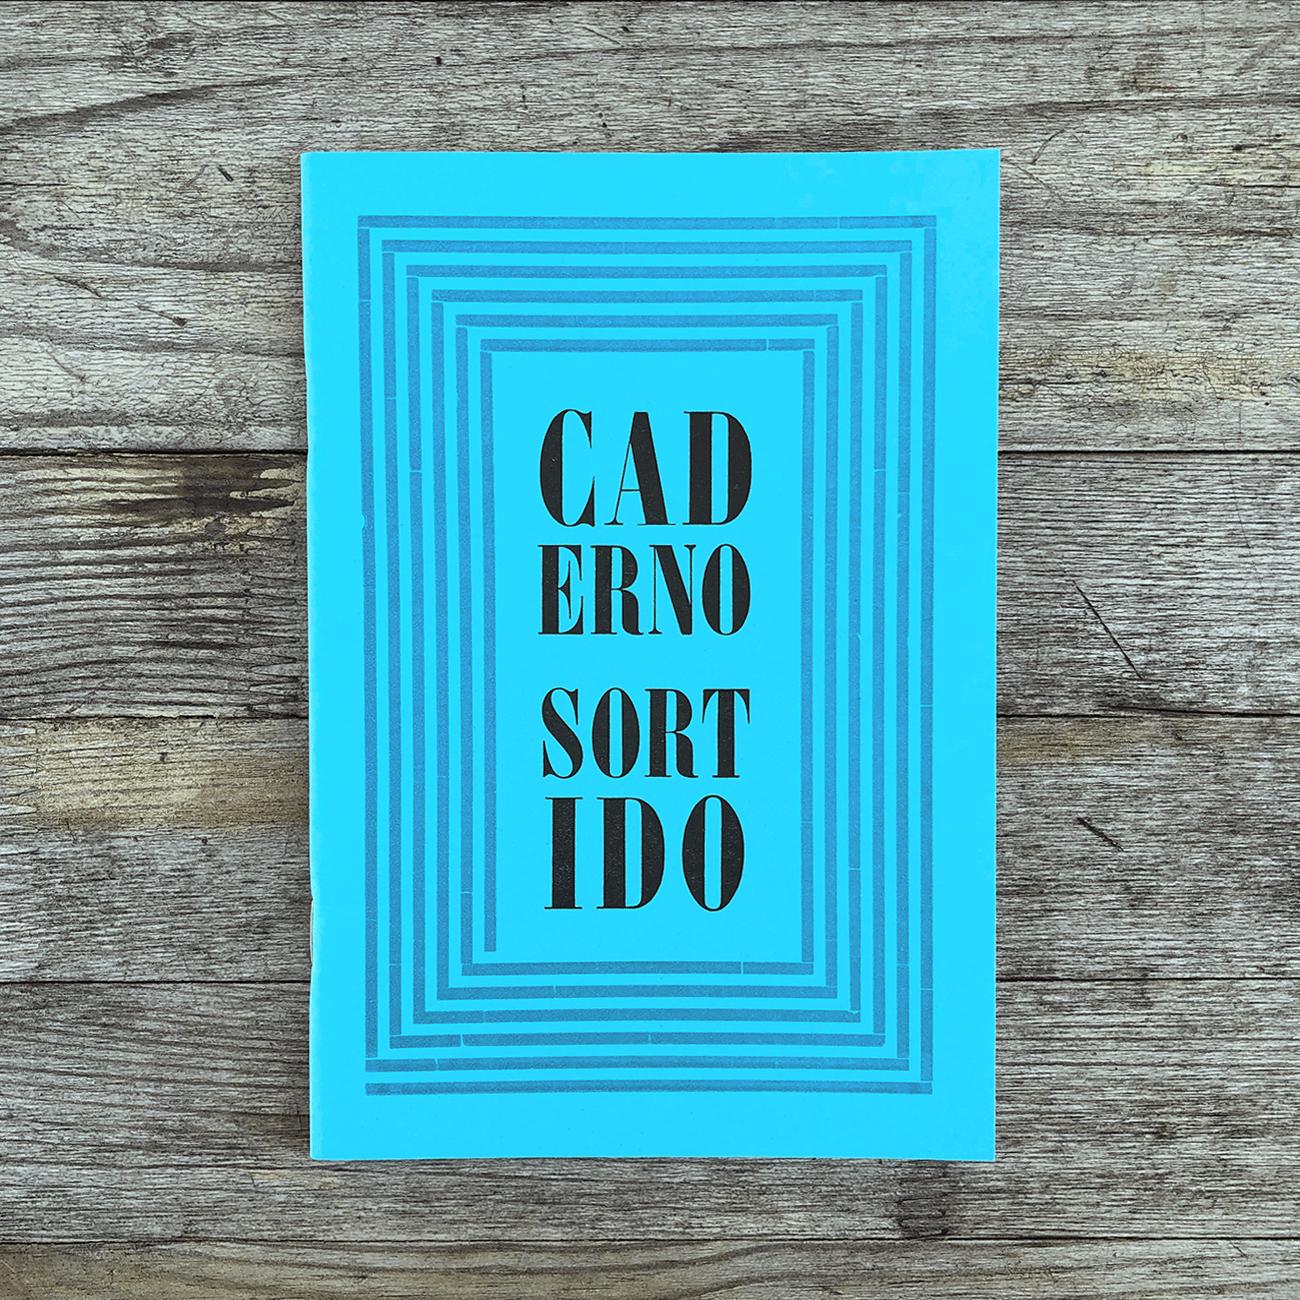 Caderno Sortido, blau, verschiedene Innenblätter, im Buchdruck gedruckt,